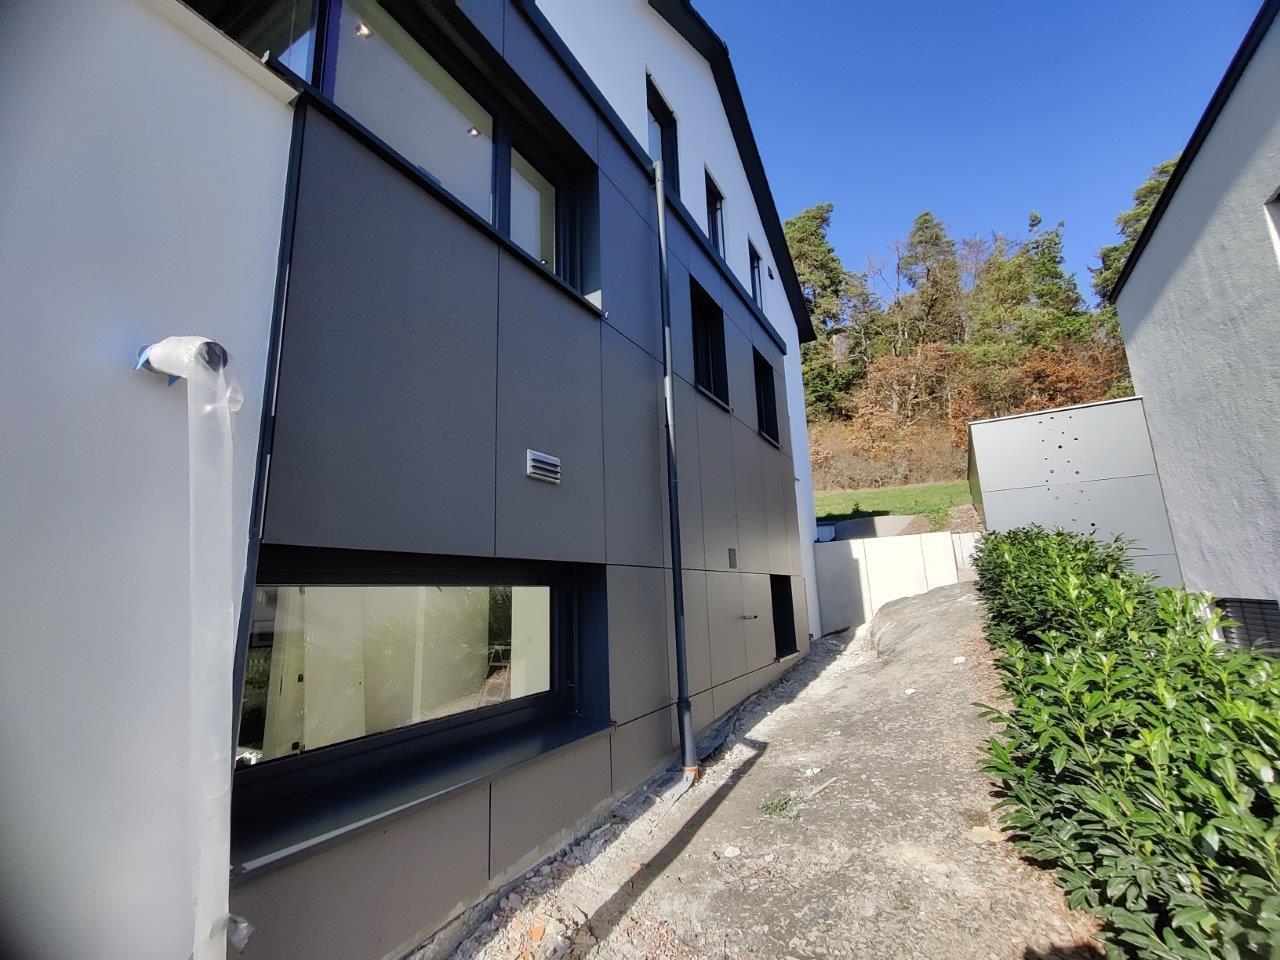 Fassade von LEINS HOLZBAU in Neufra   Zimmerei und Innenausbau